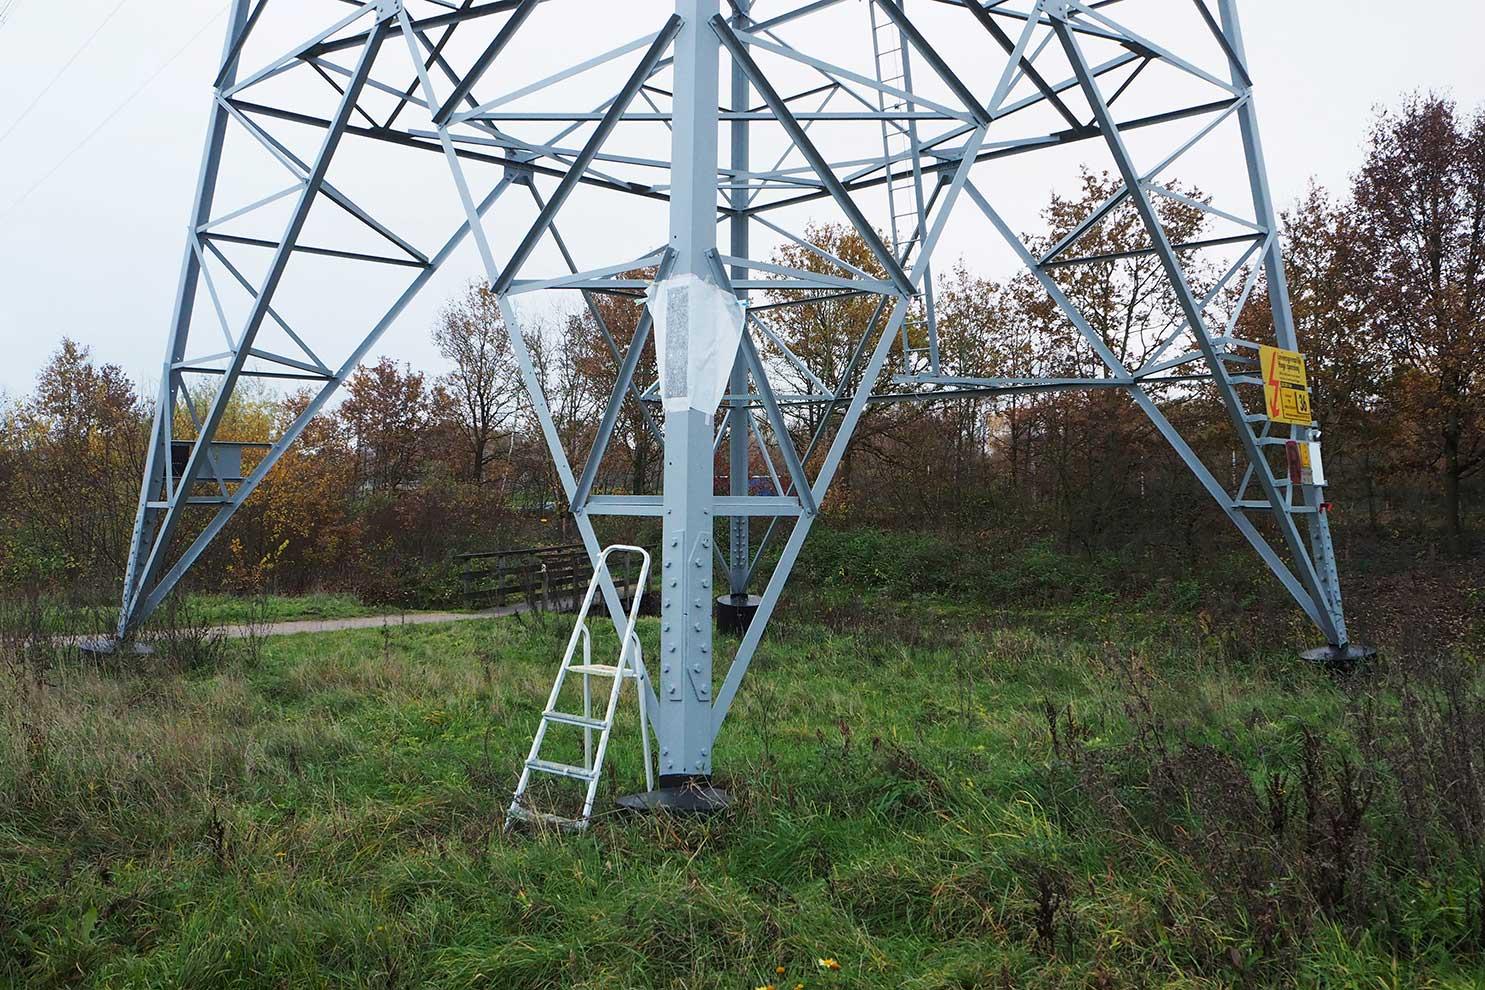 EnergieCultuur-EnergieKultur stroom Enschede; foto van frottage van hoogspanningsnet Enschede